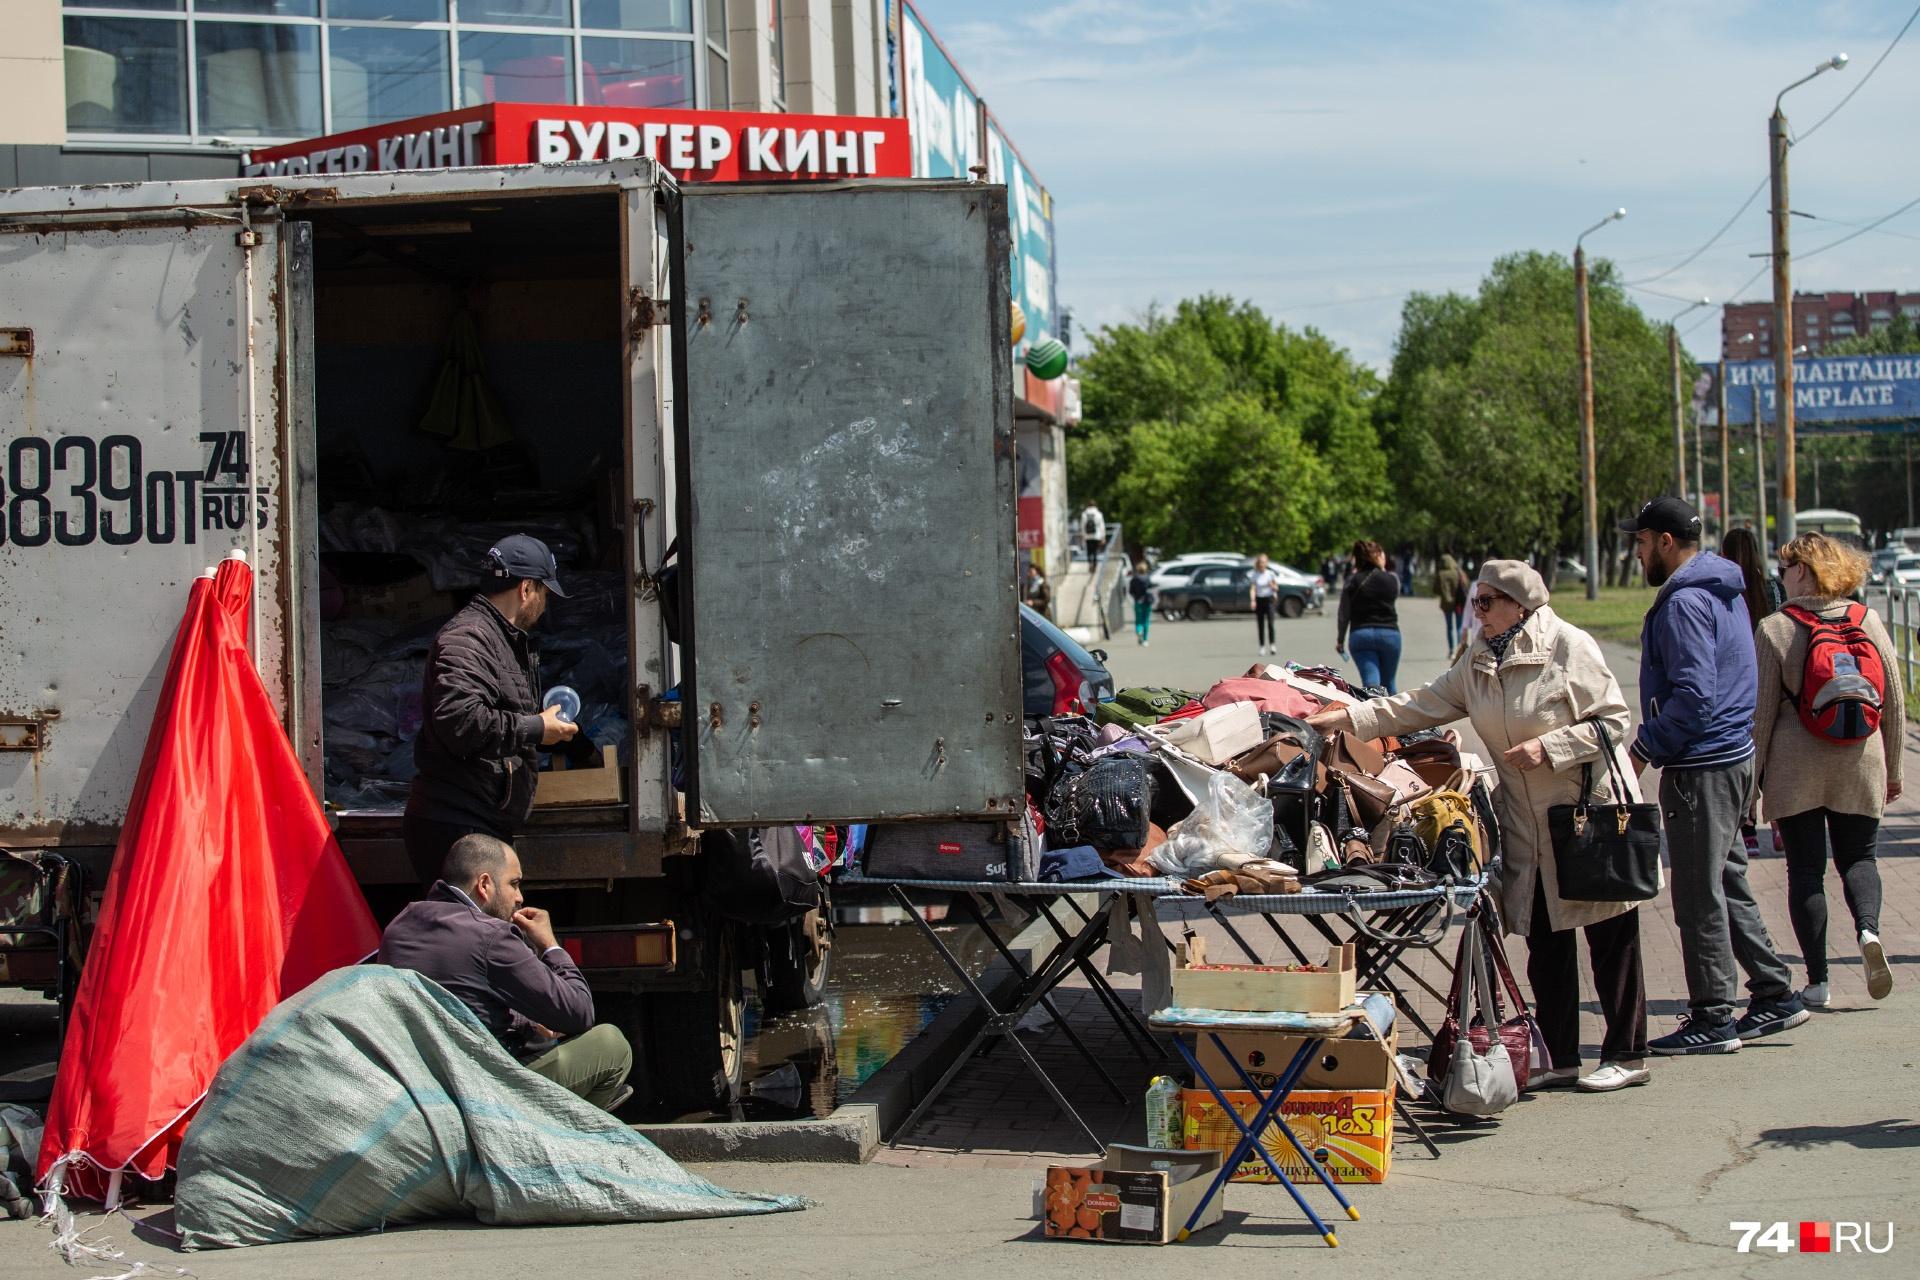 Похожая точка — на пересечении улиц Братьев Кашириных и Молодогвардейцев